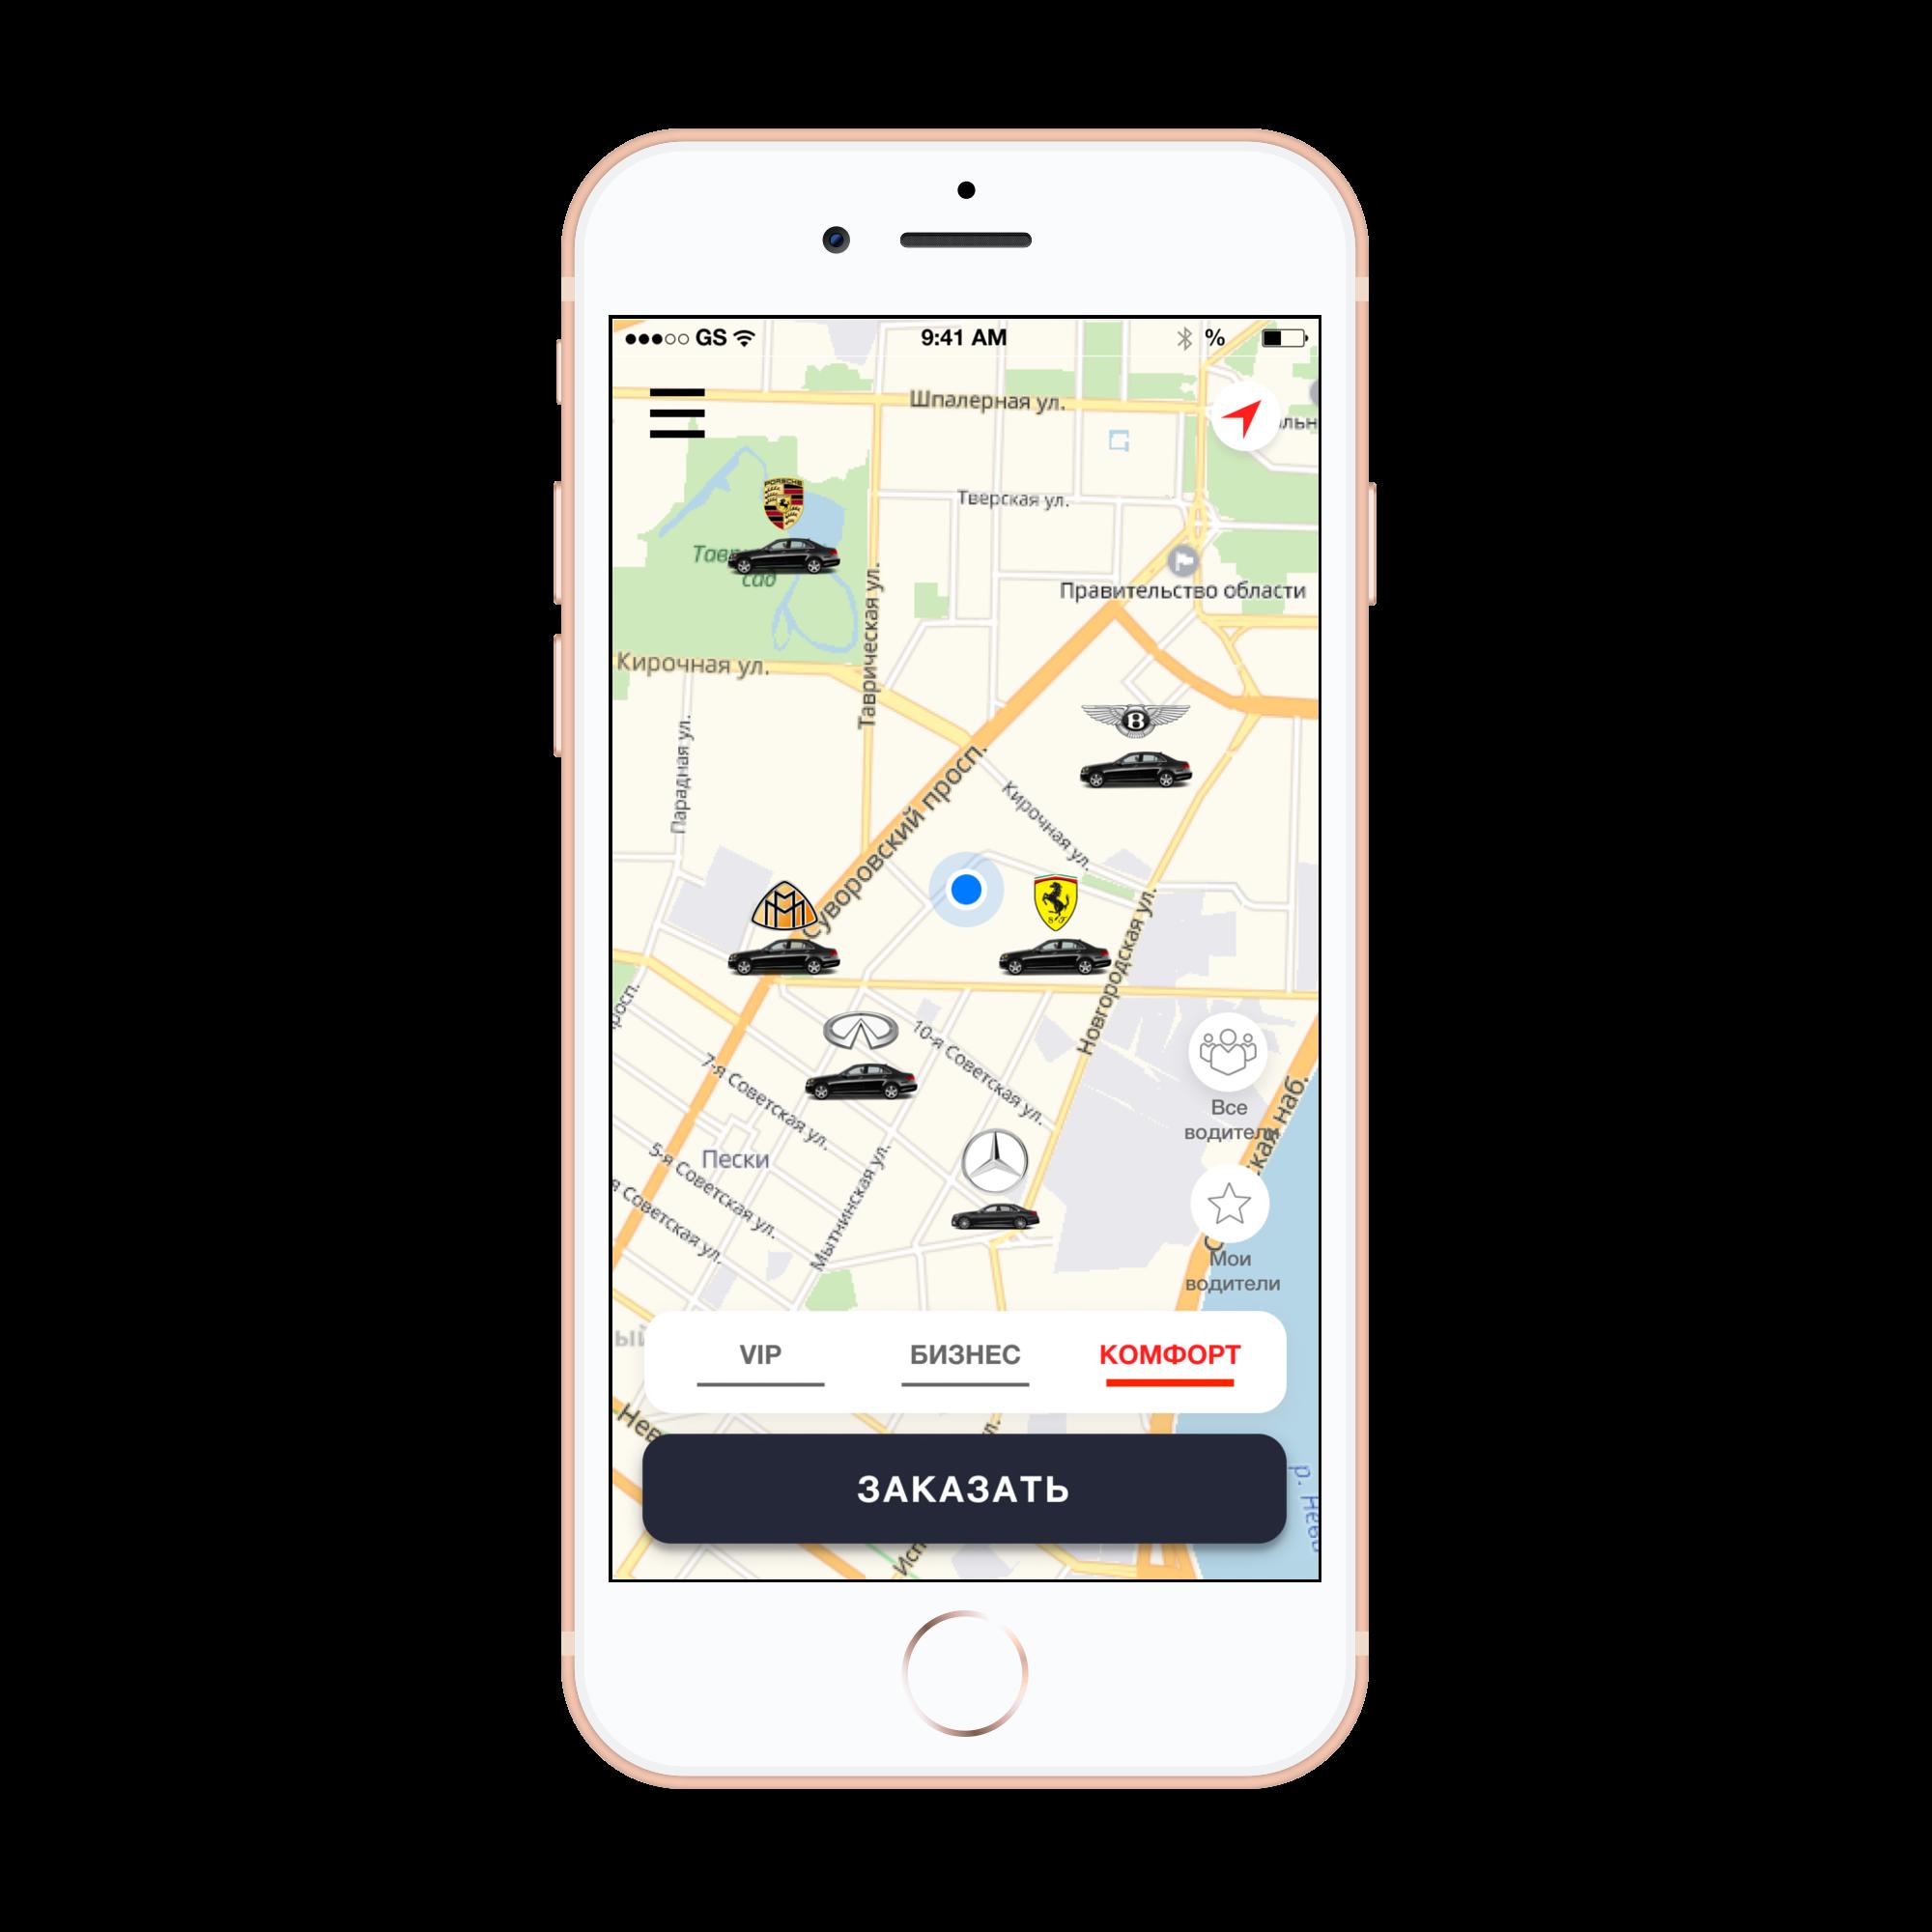 It Lab. Разработка мобильного приложения такси Omcar - экран выбор машины для заказа